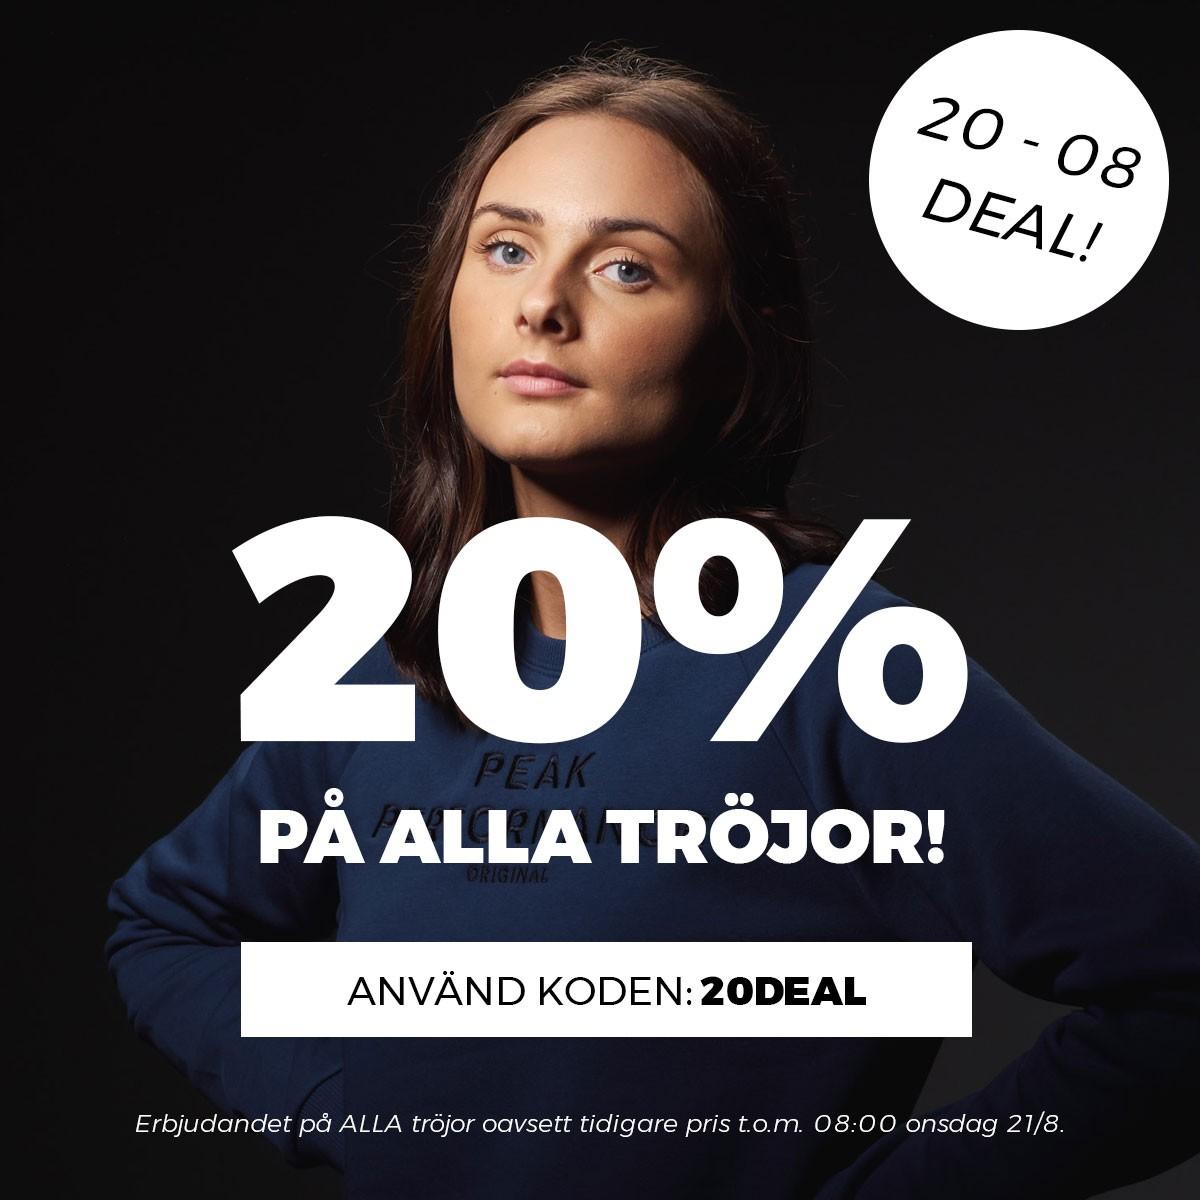 ÅTTA TILL ÅTTA - TRÖJOR